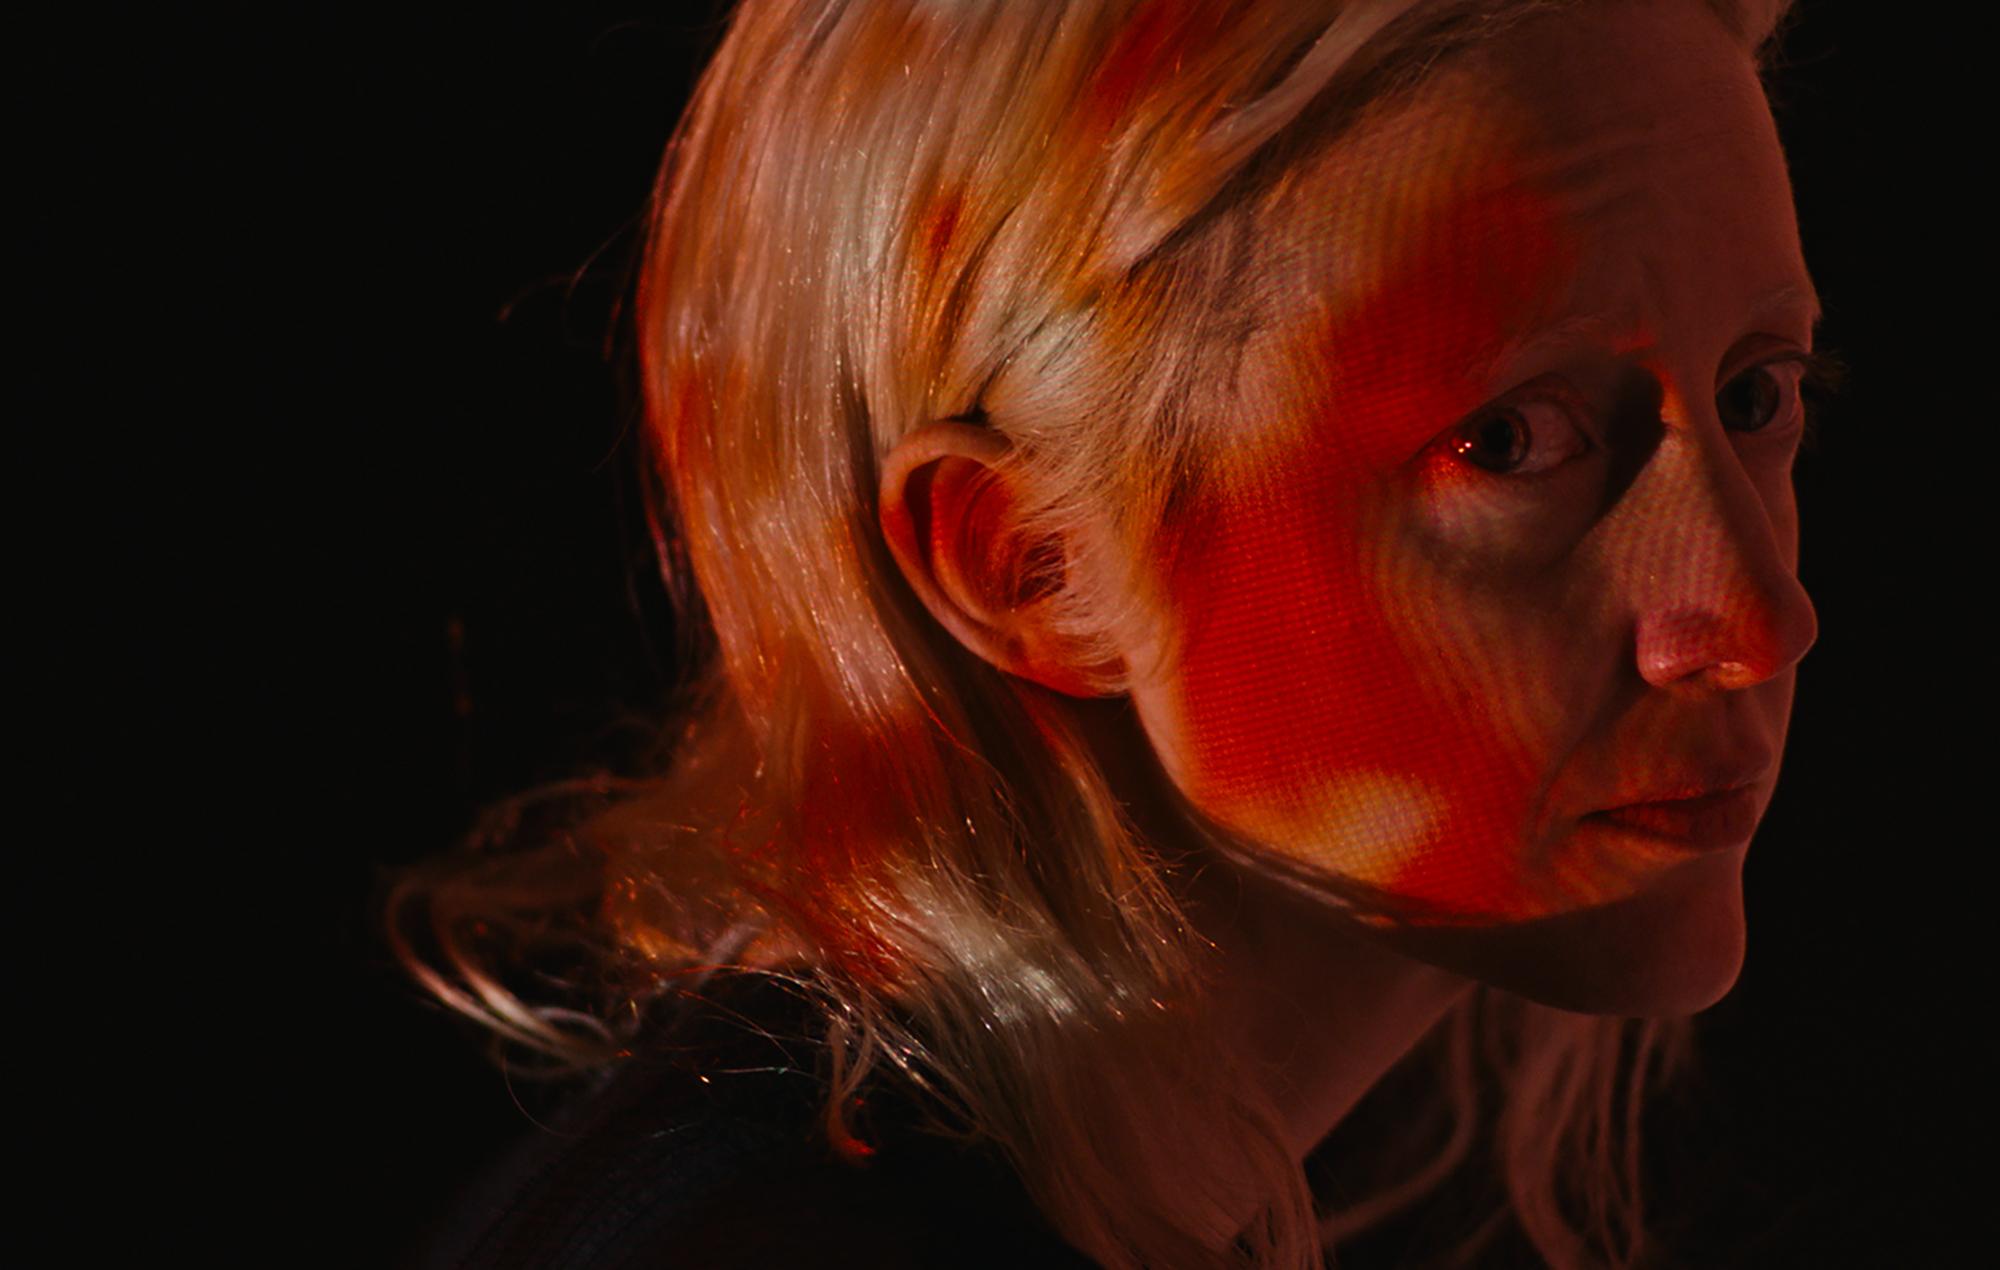 'Possessor' review: Brandon Cronenberg's brutal slice of Orwellian horror